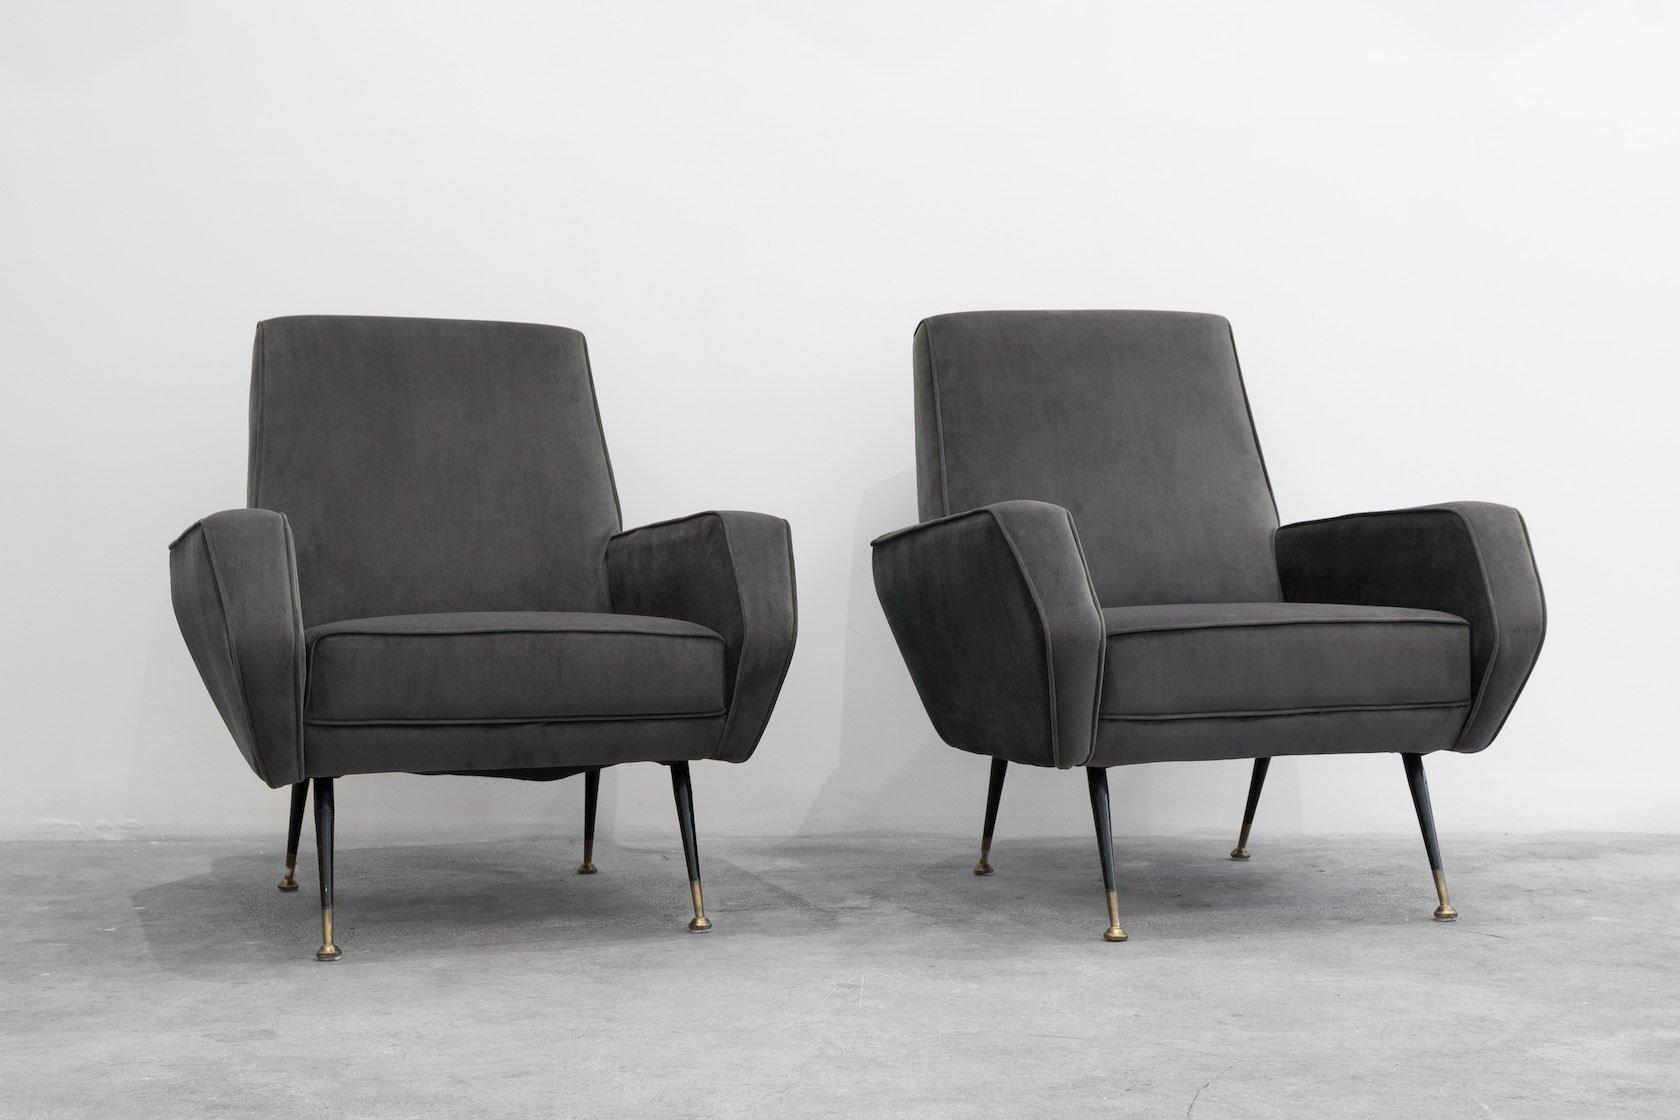 italienische sessel in grauem samt 1960er 2er set bei. Black Bedroom Furniture Sets. Home Design Ideas